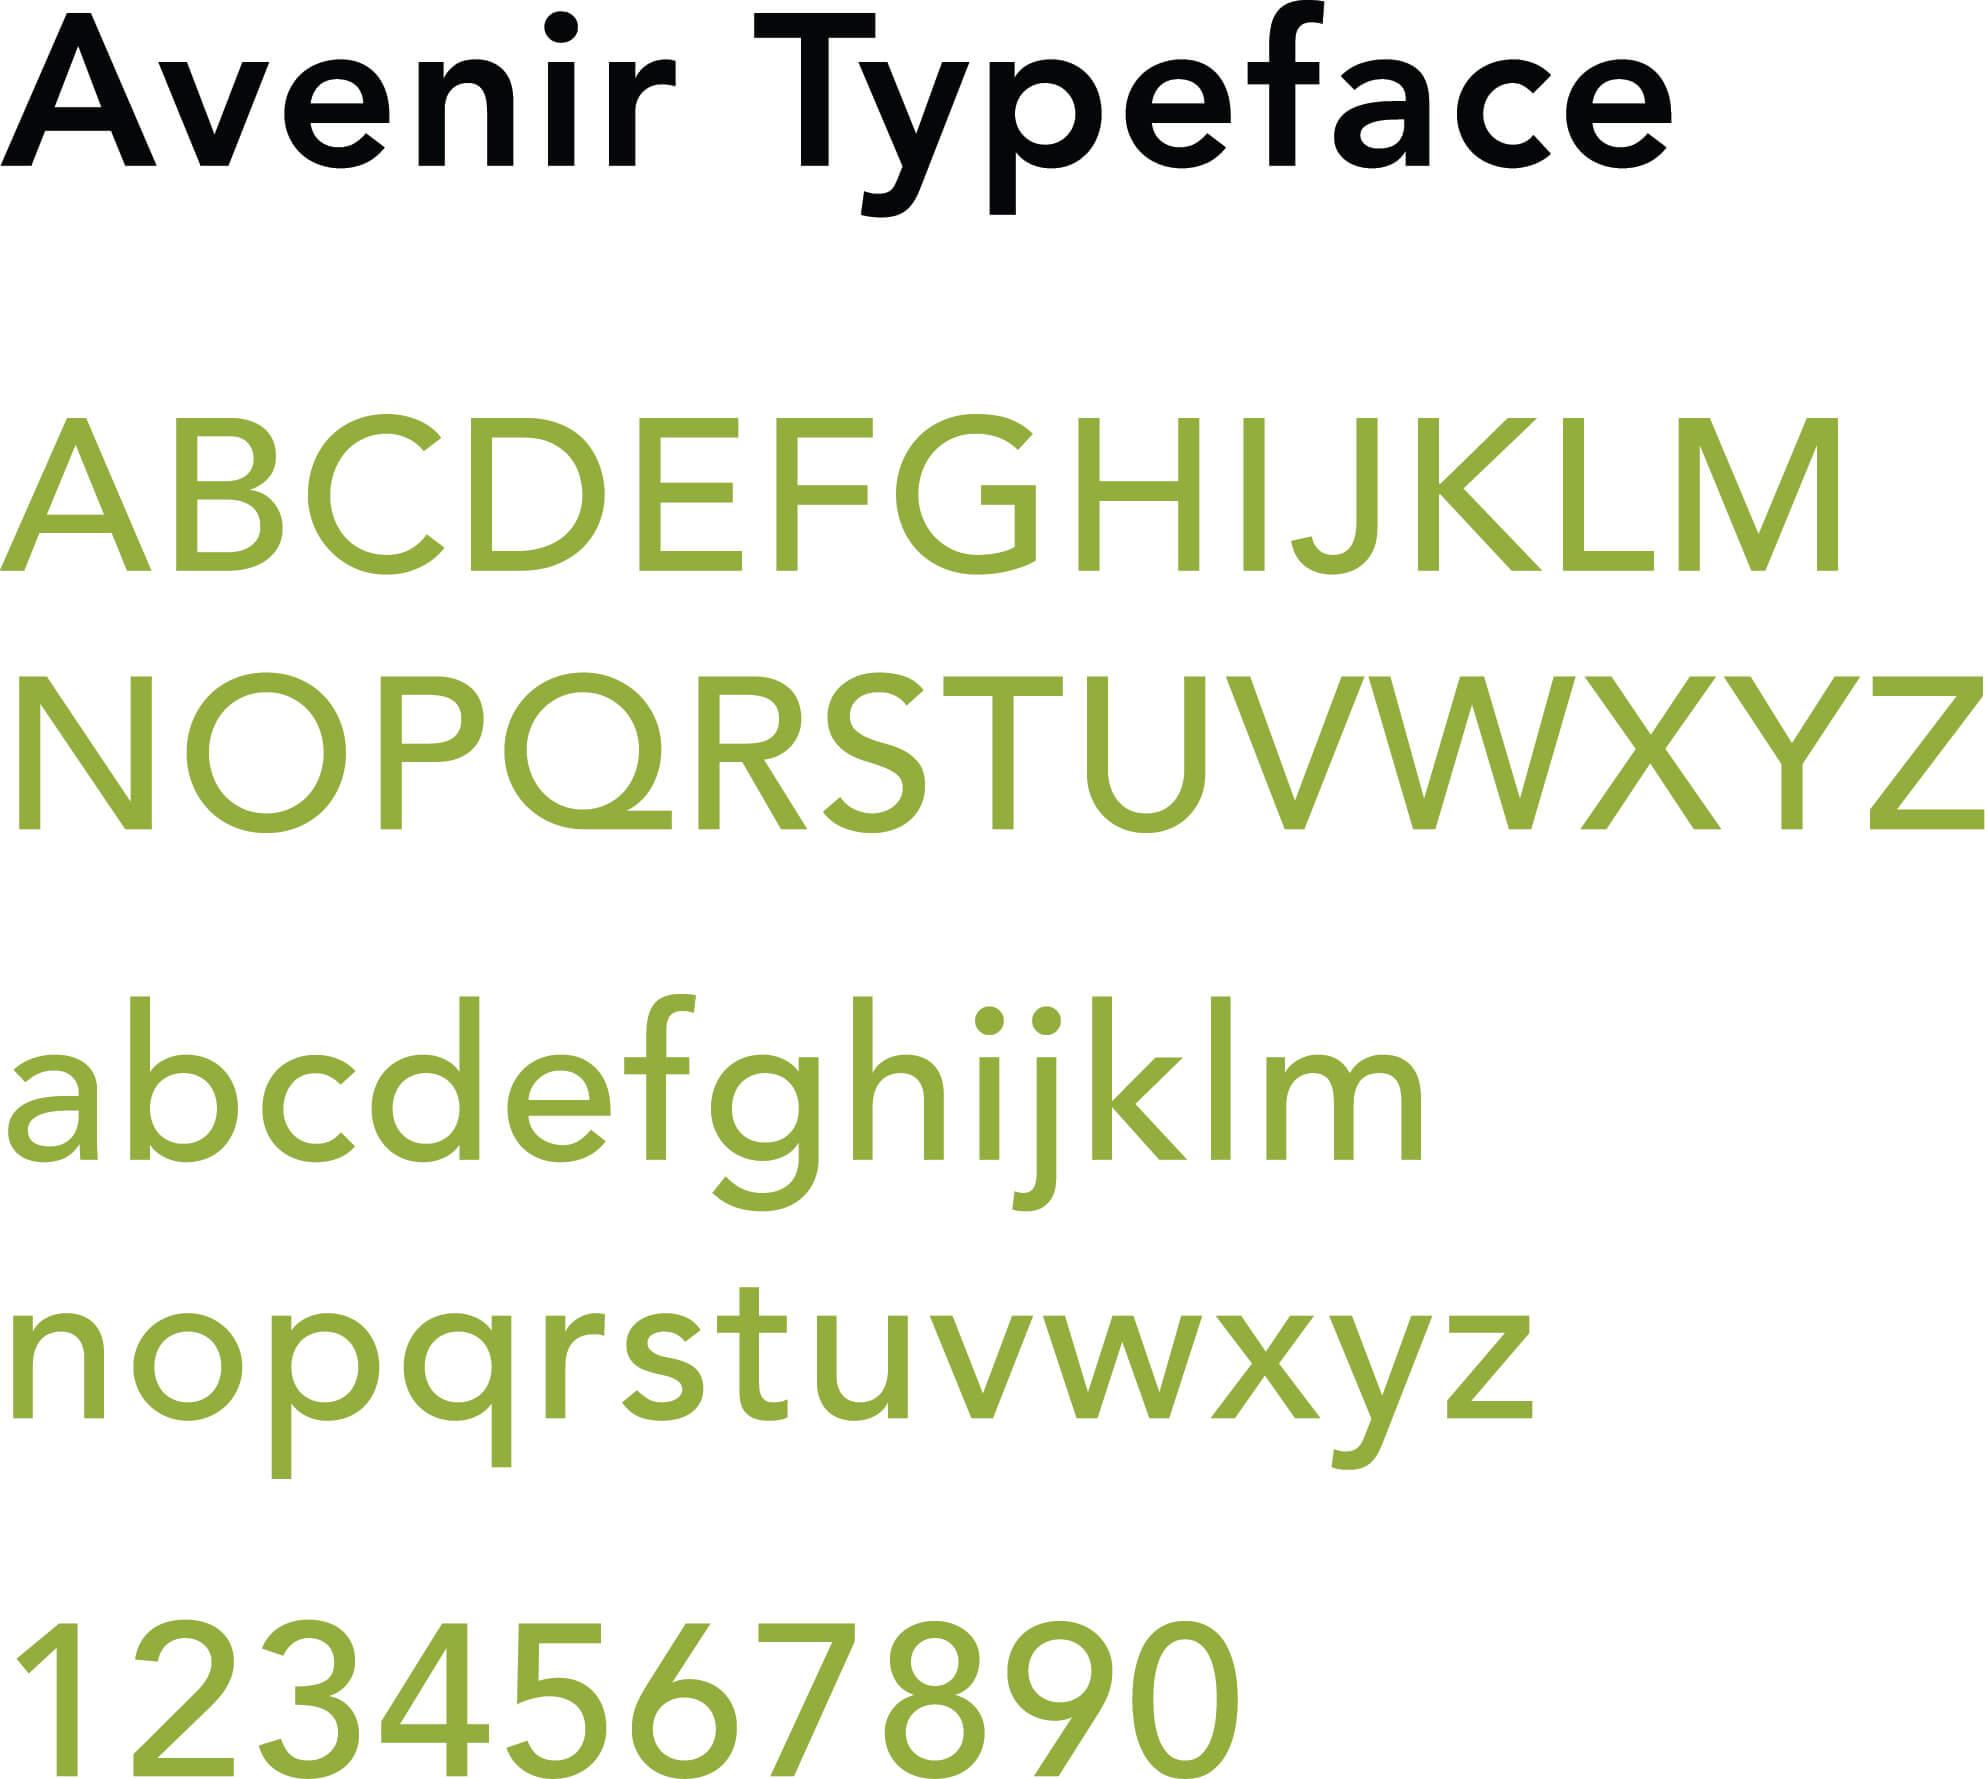 Fixin Avenir Typeface   Toby Everett